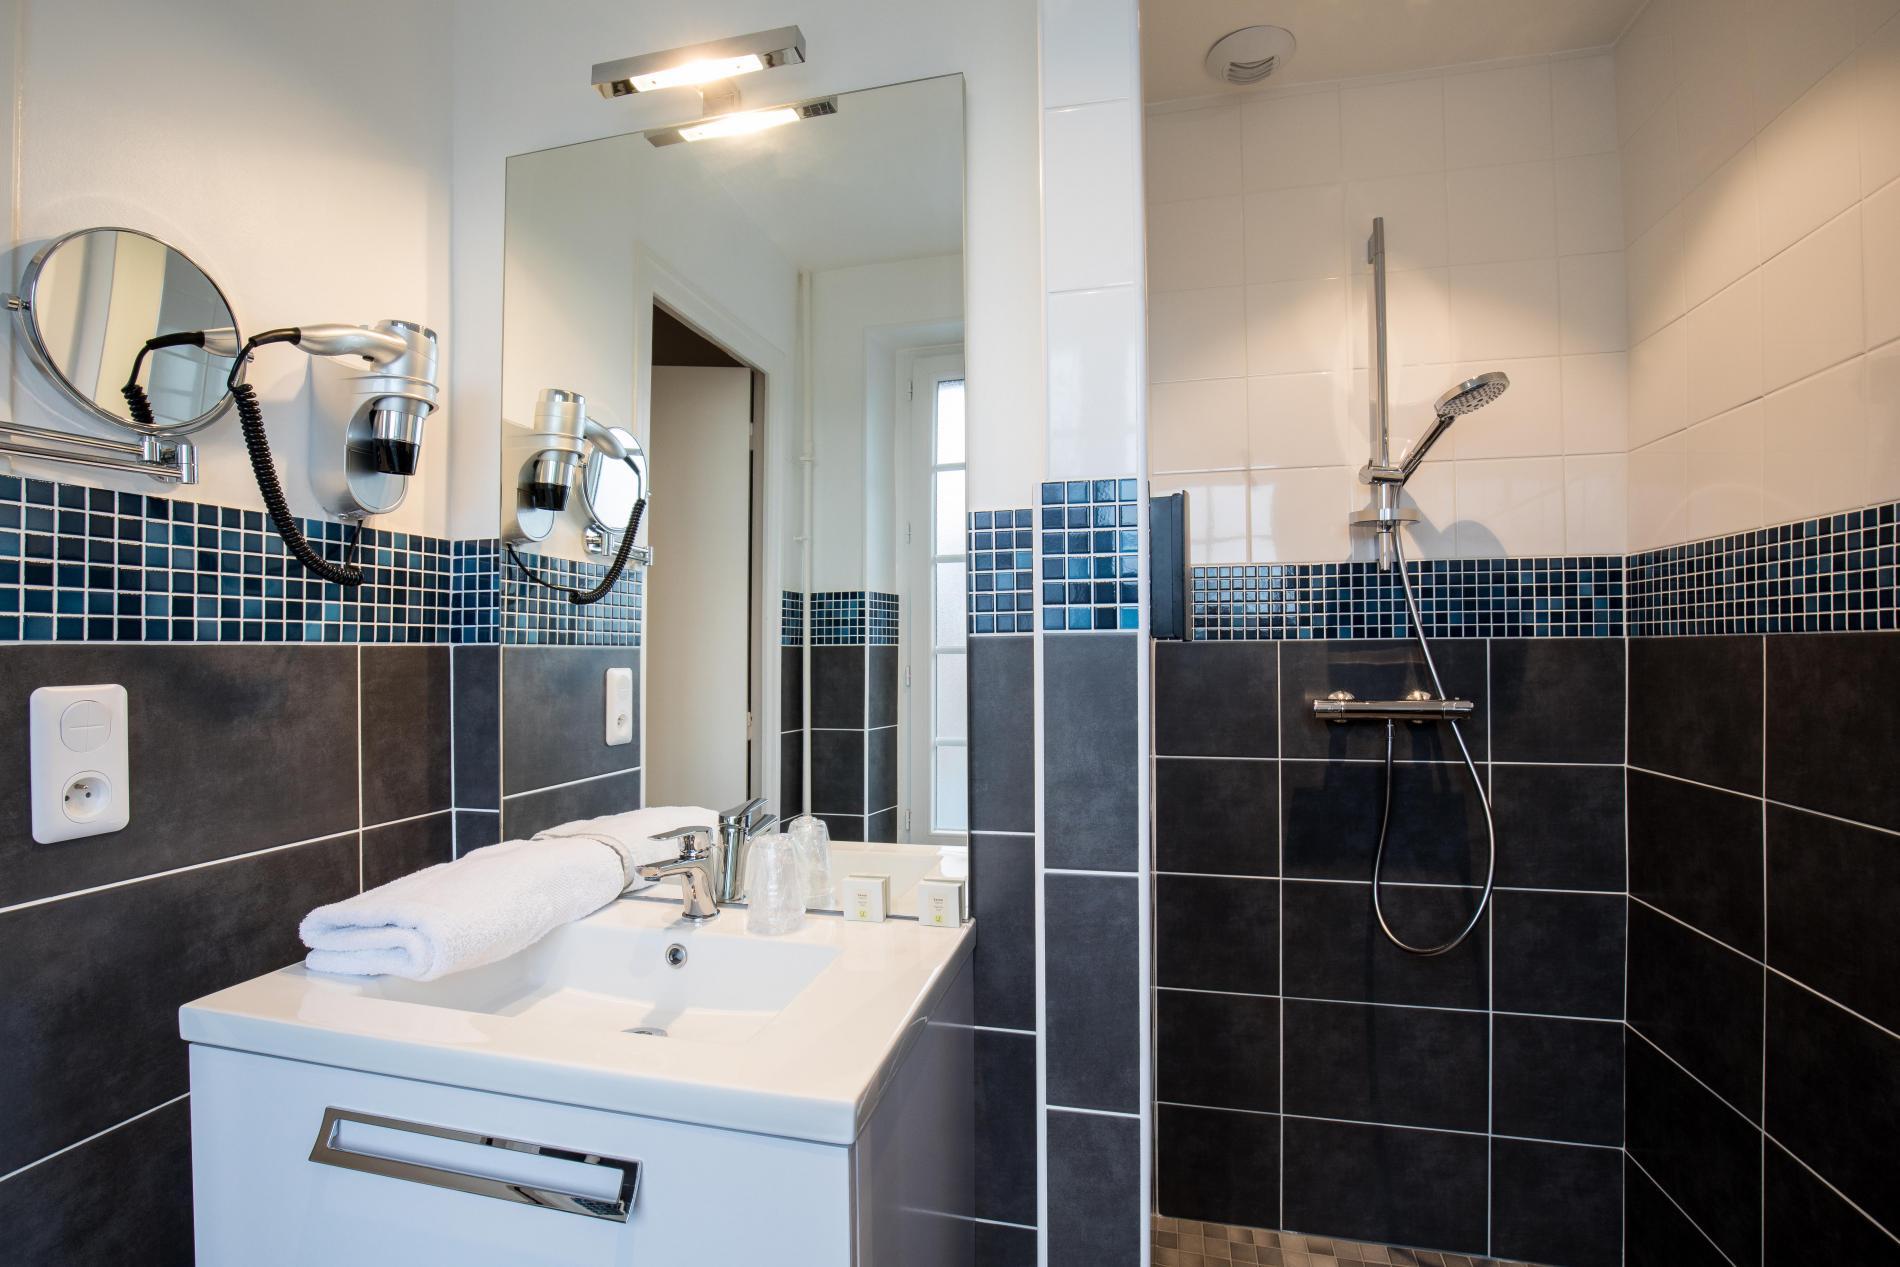 salle de bain chambre3